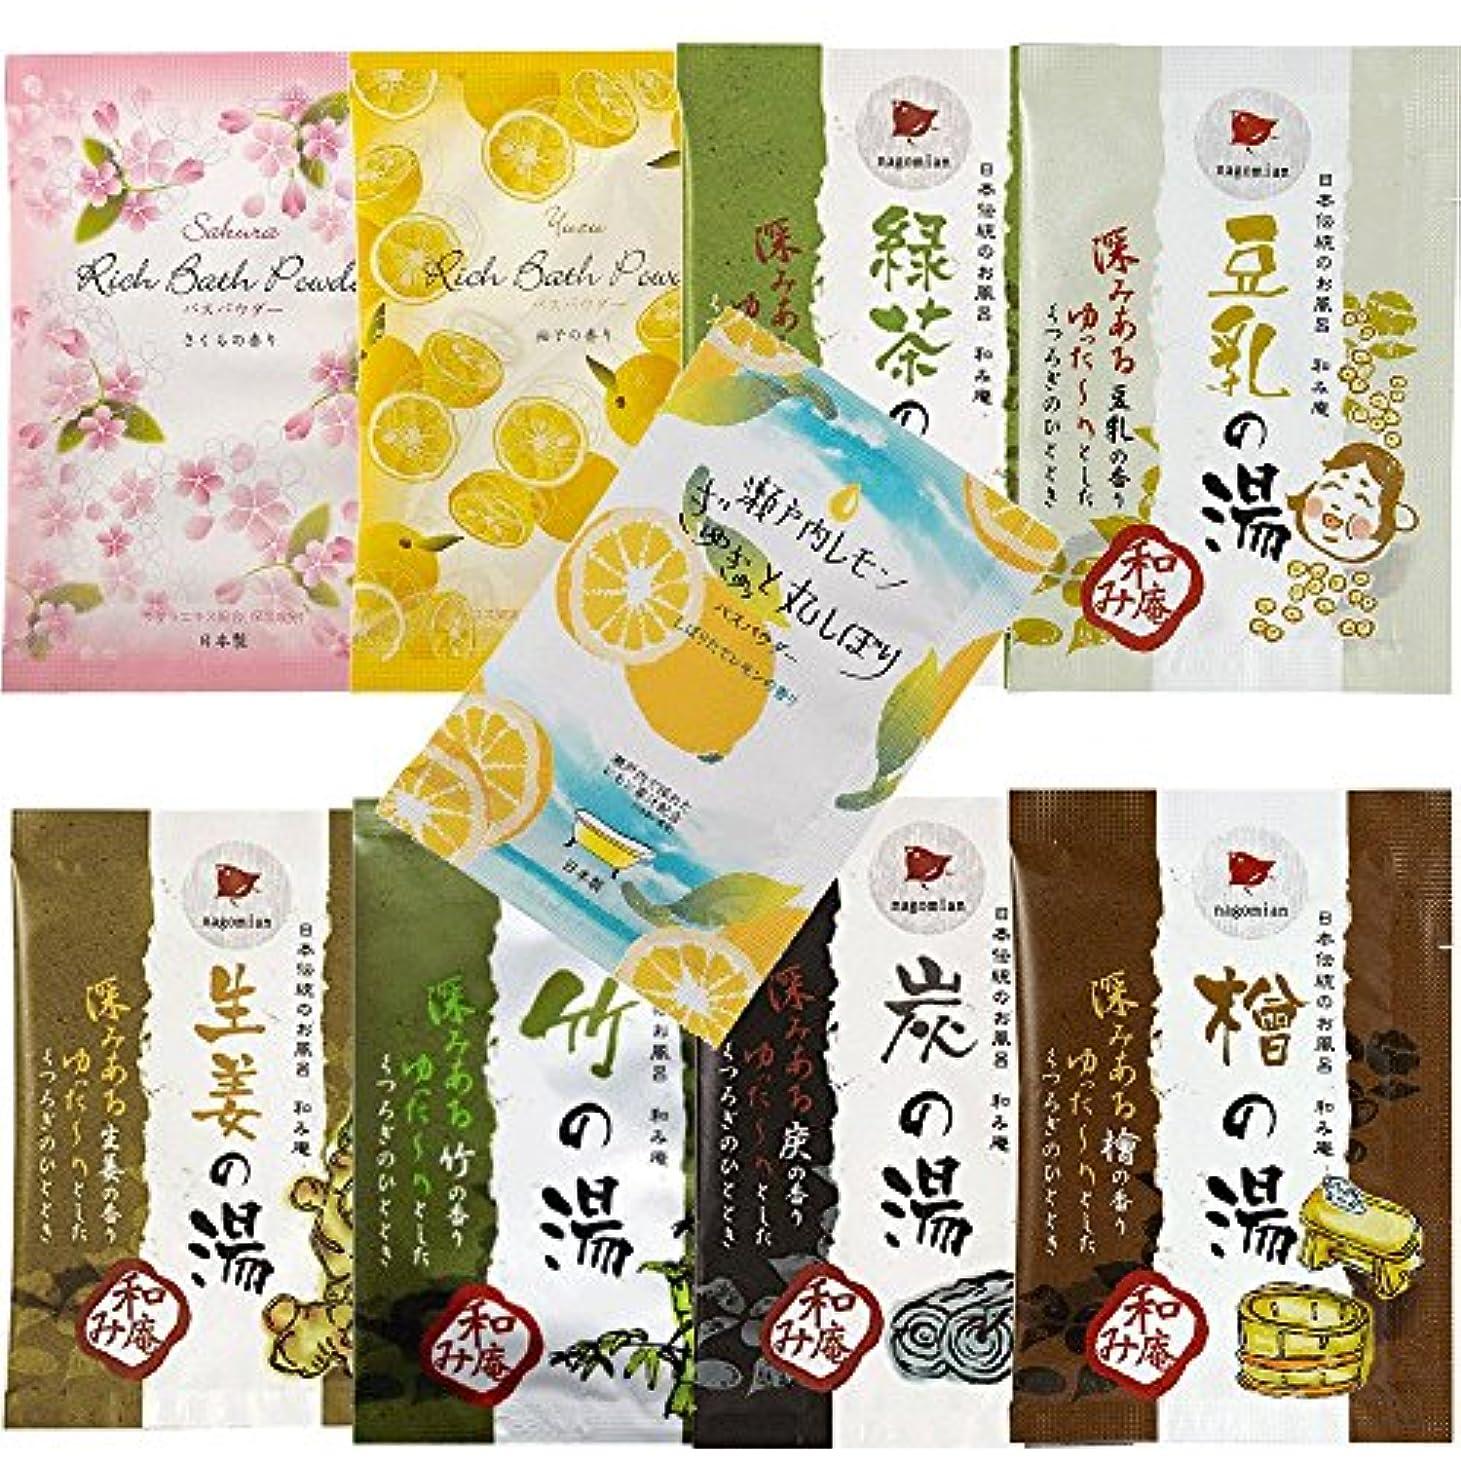 所有権ショートカットカール日本伝統のお風呂 和み庵 6種類 + バスパウダー 3種類セット 和風入浴剤 9包セット